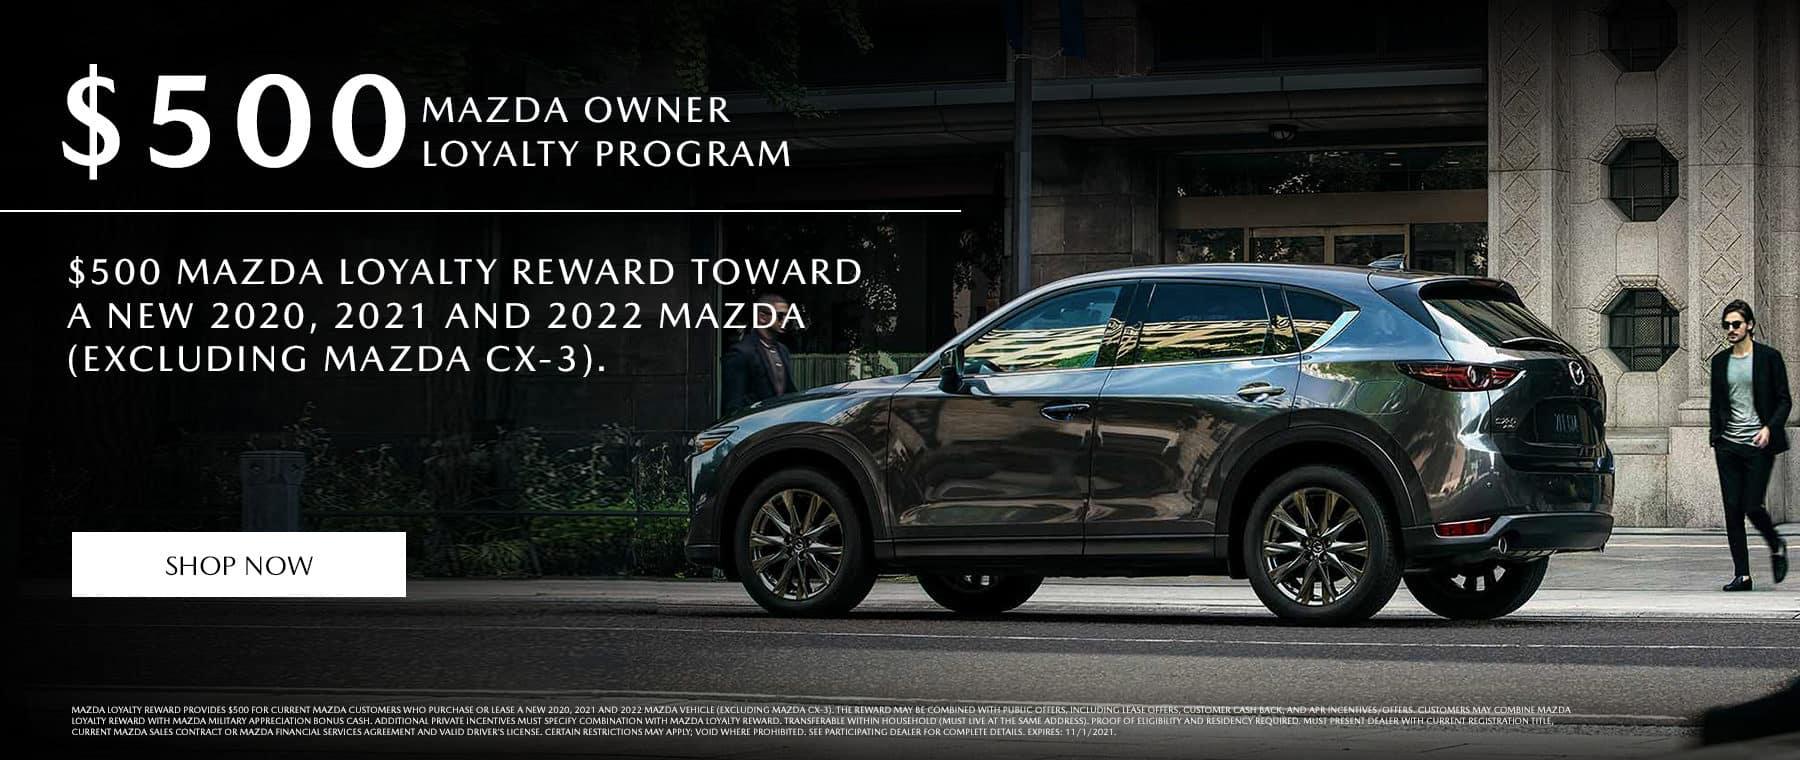 $500 MAZDA OWNER LOYALTY PROGRAM